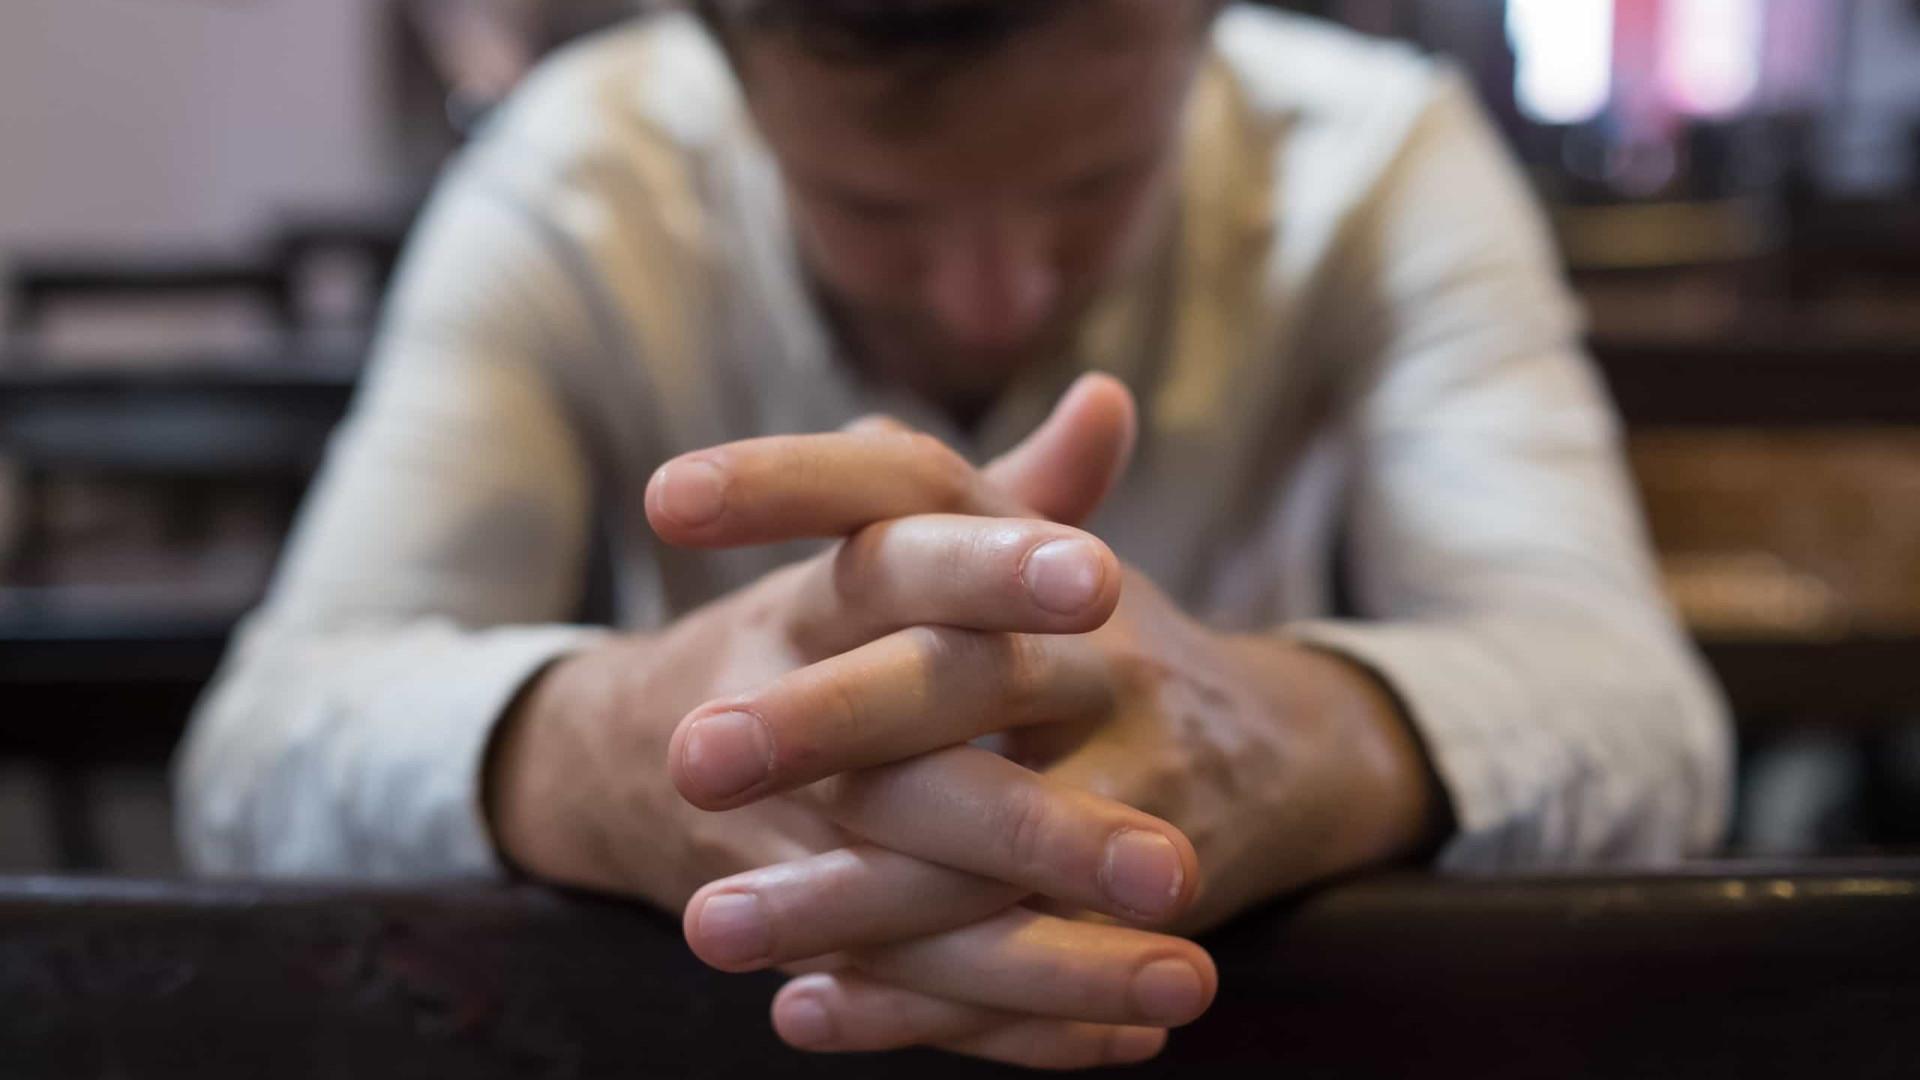 Religiosos formam rede de desinformação sobre covid